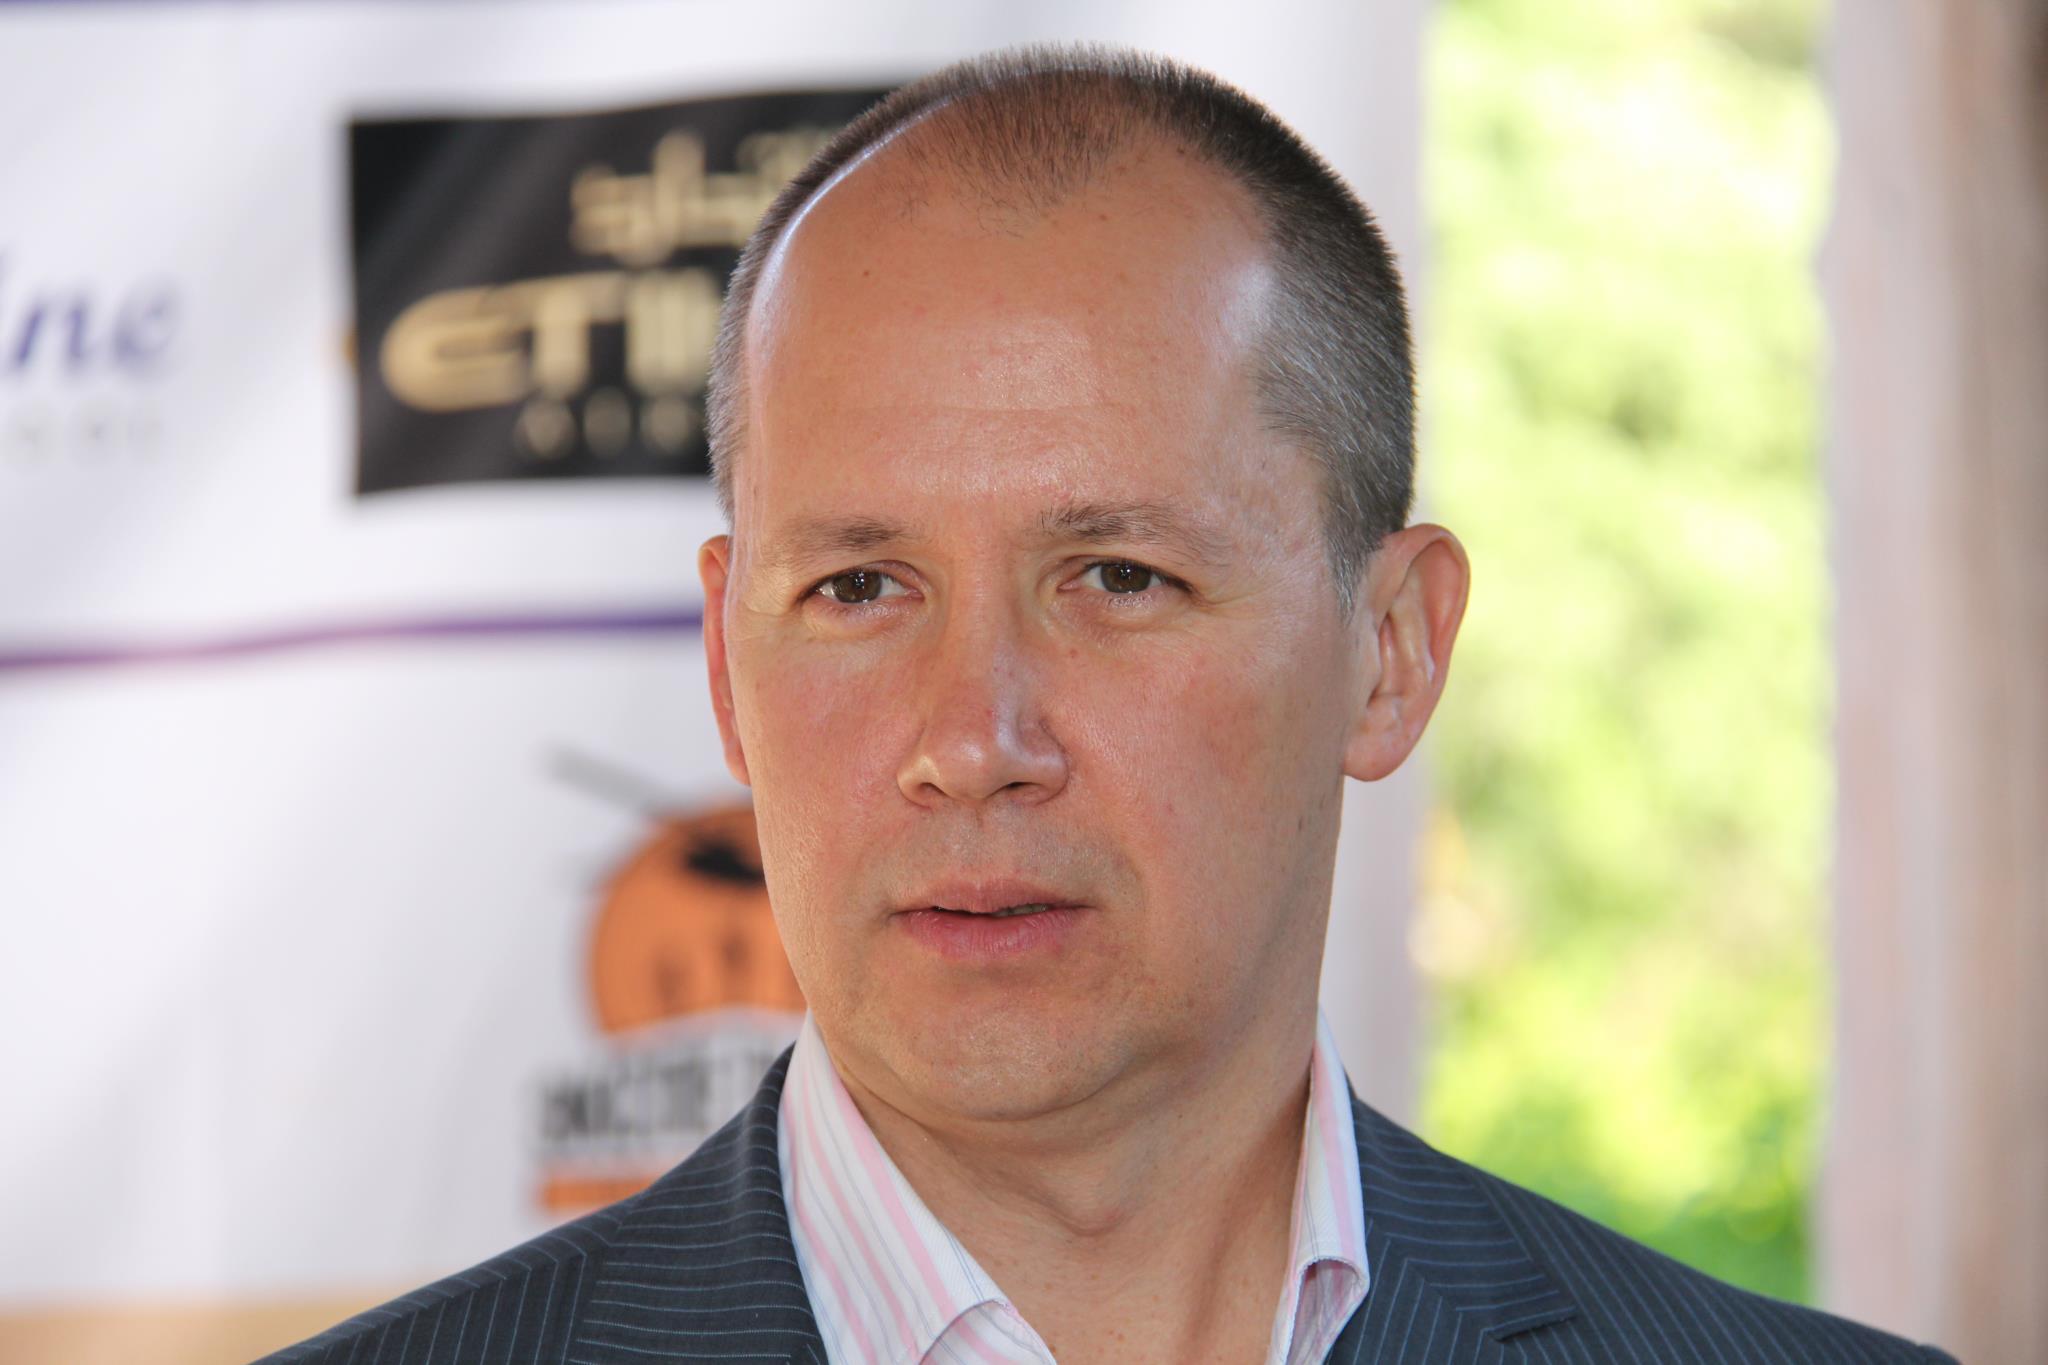 Waleryj Cepkała na Ukrainie: Kreml nie wspiera żadnego kandydata w białoruskich wyborach